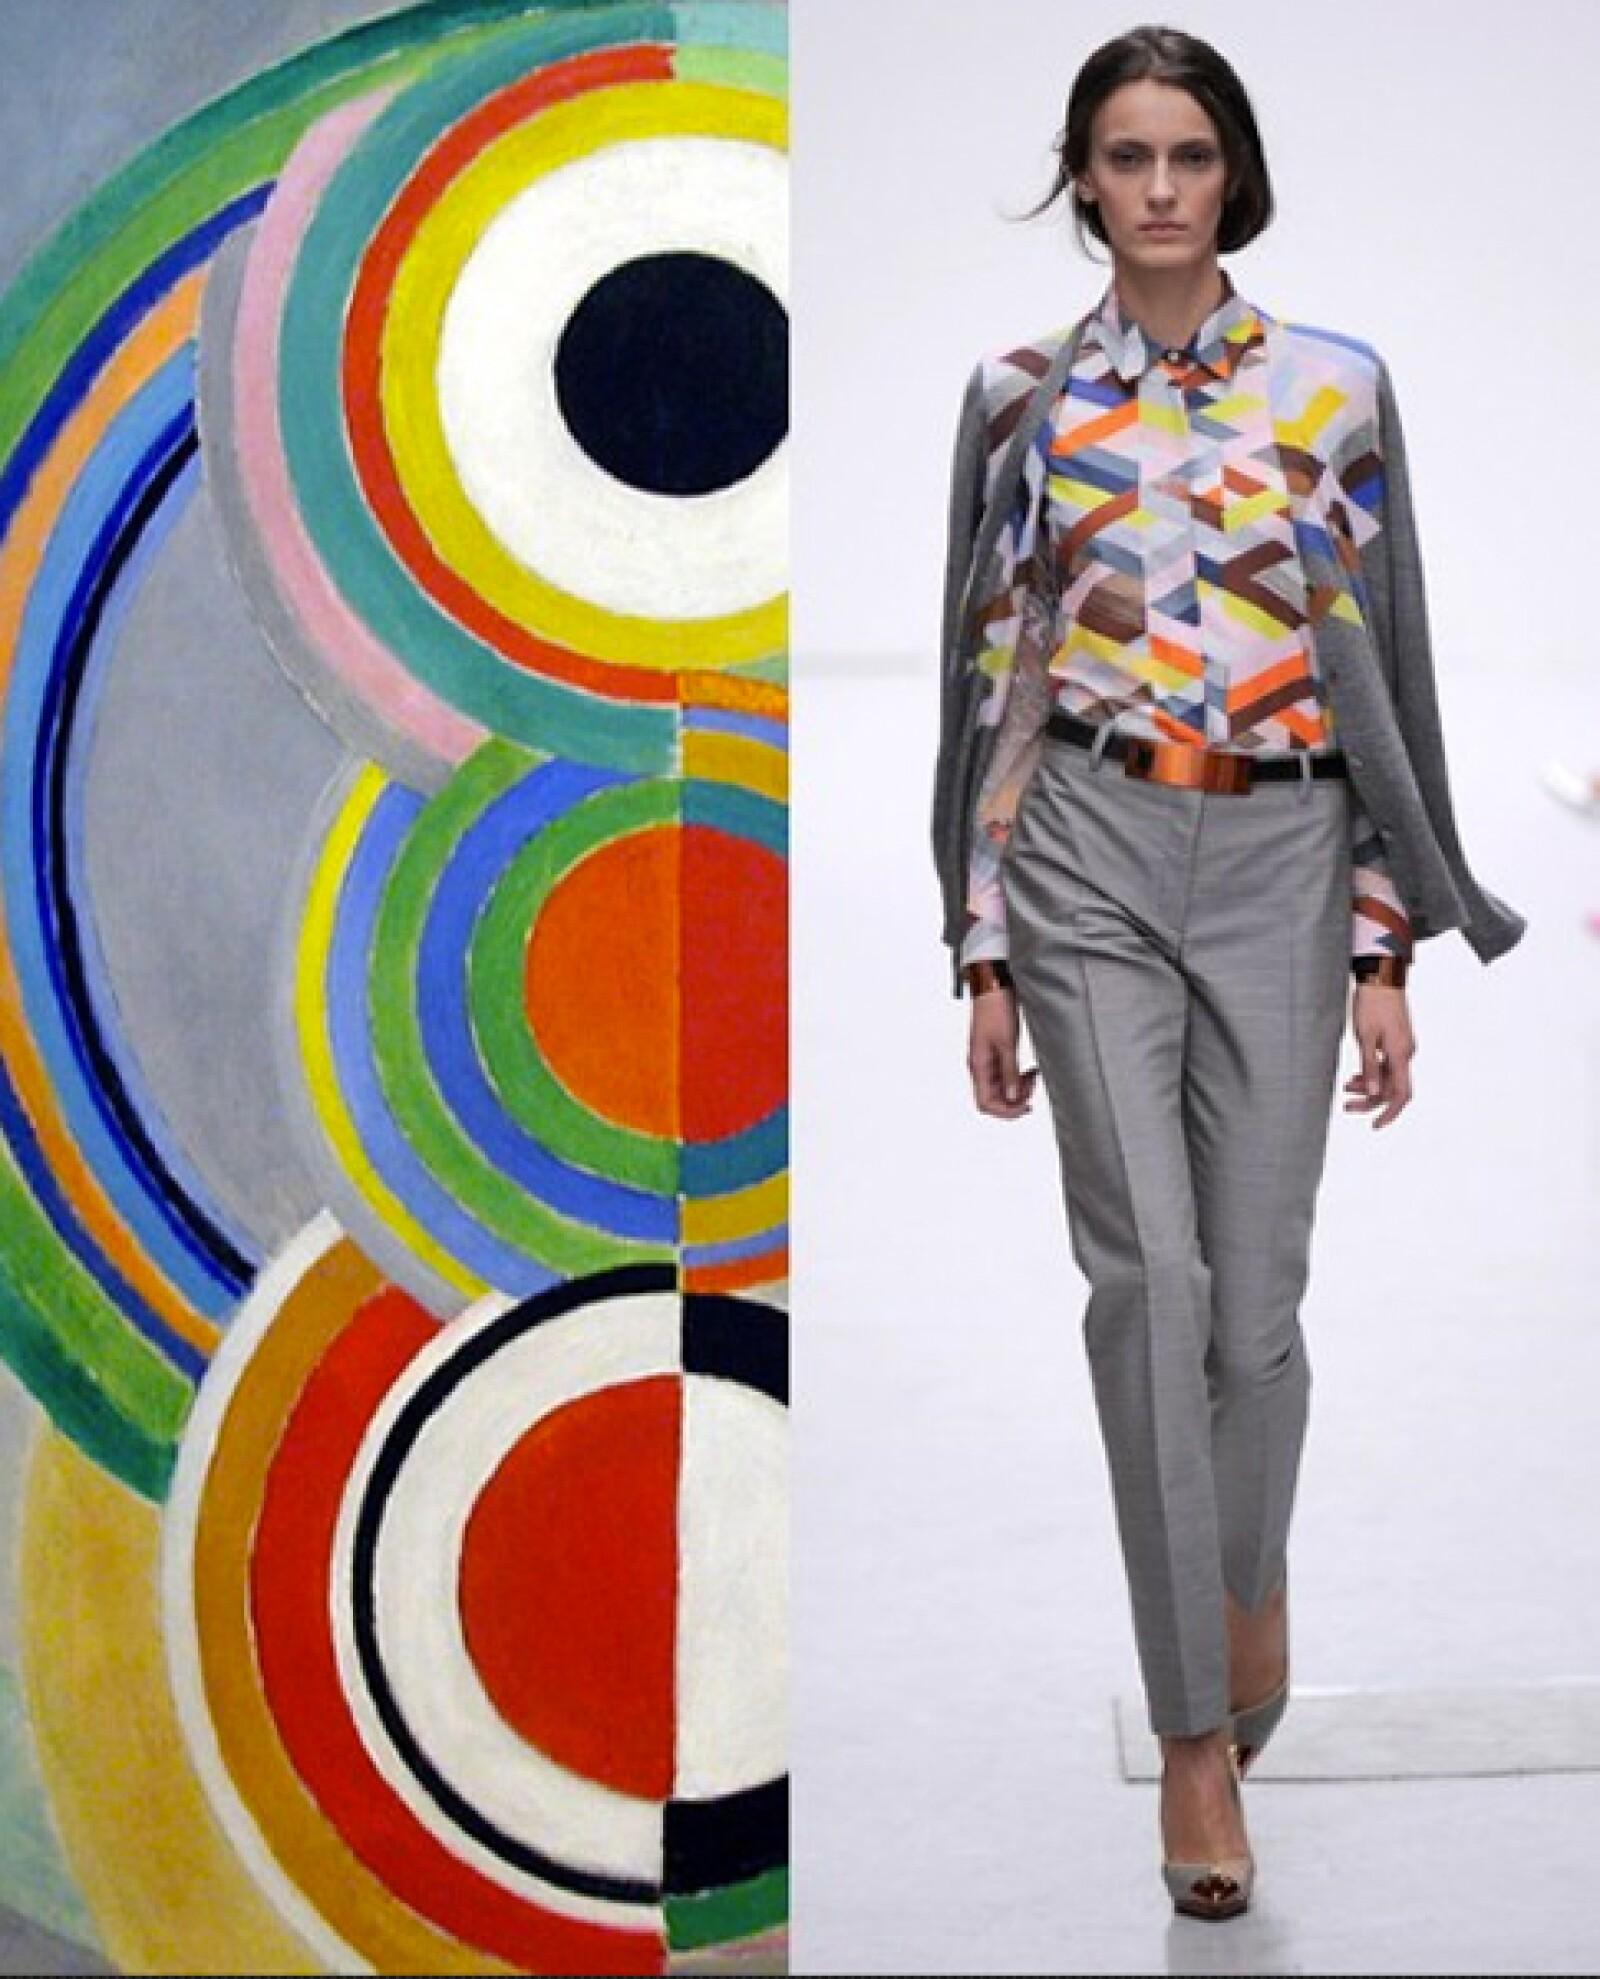 Los motivos geométricos en varias tonalidades de la firma Pringle  remiten a la obra de Sonia Delauney.